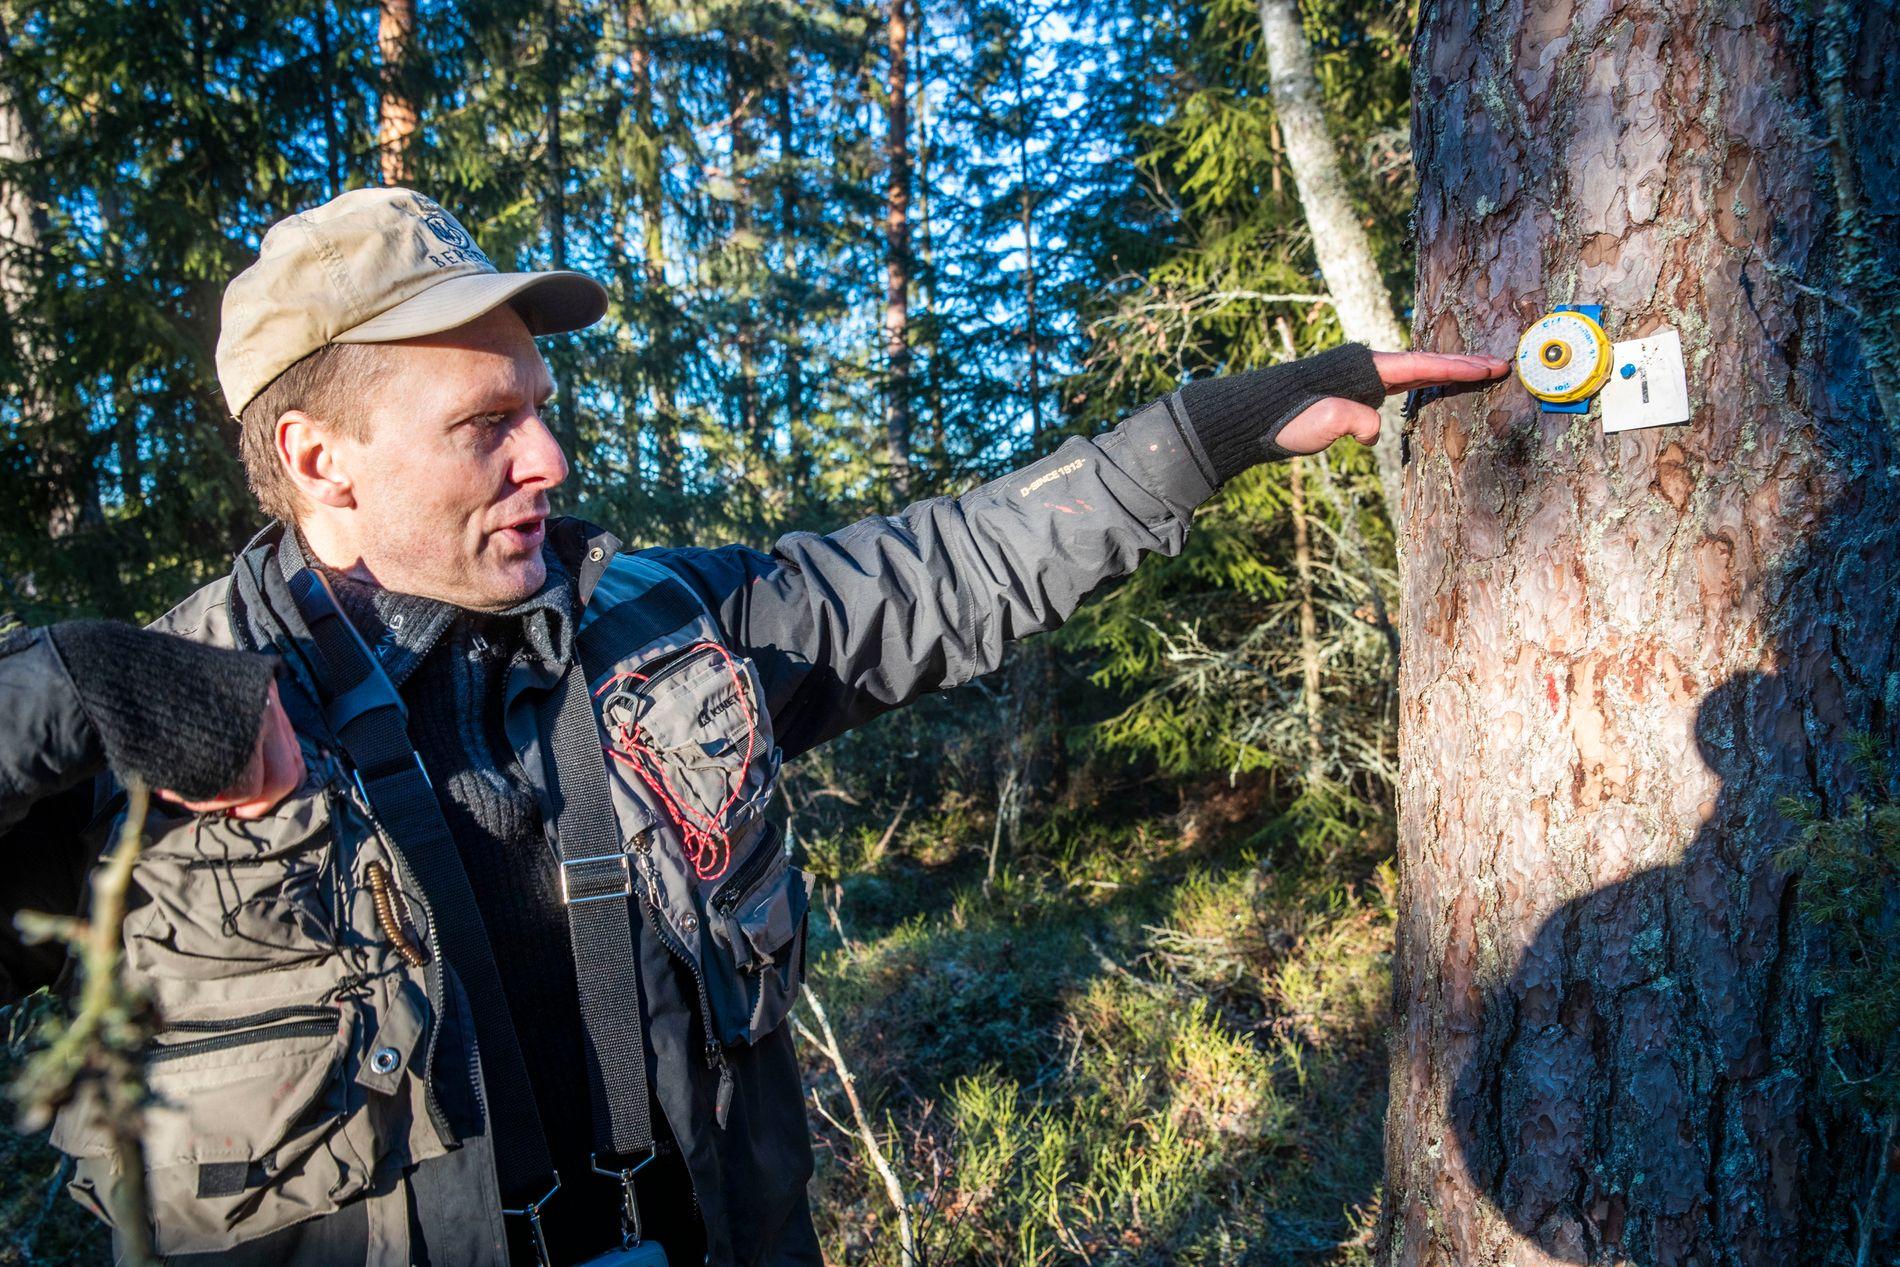 ALT MÅLES: Knut Ole Viken bruker en ultralydsender til å måle høyden på trærne. 25 personer bruker fem år på å taksere all skog i Norge.